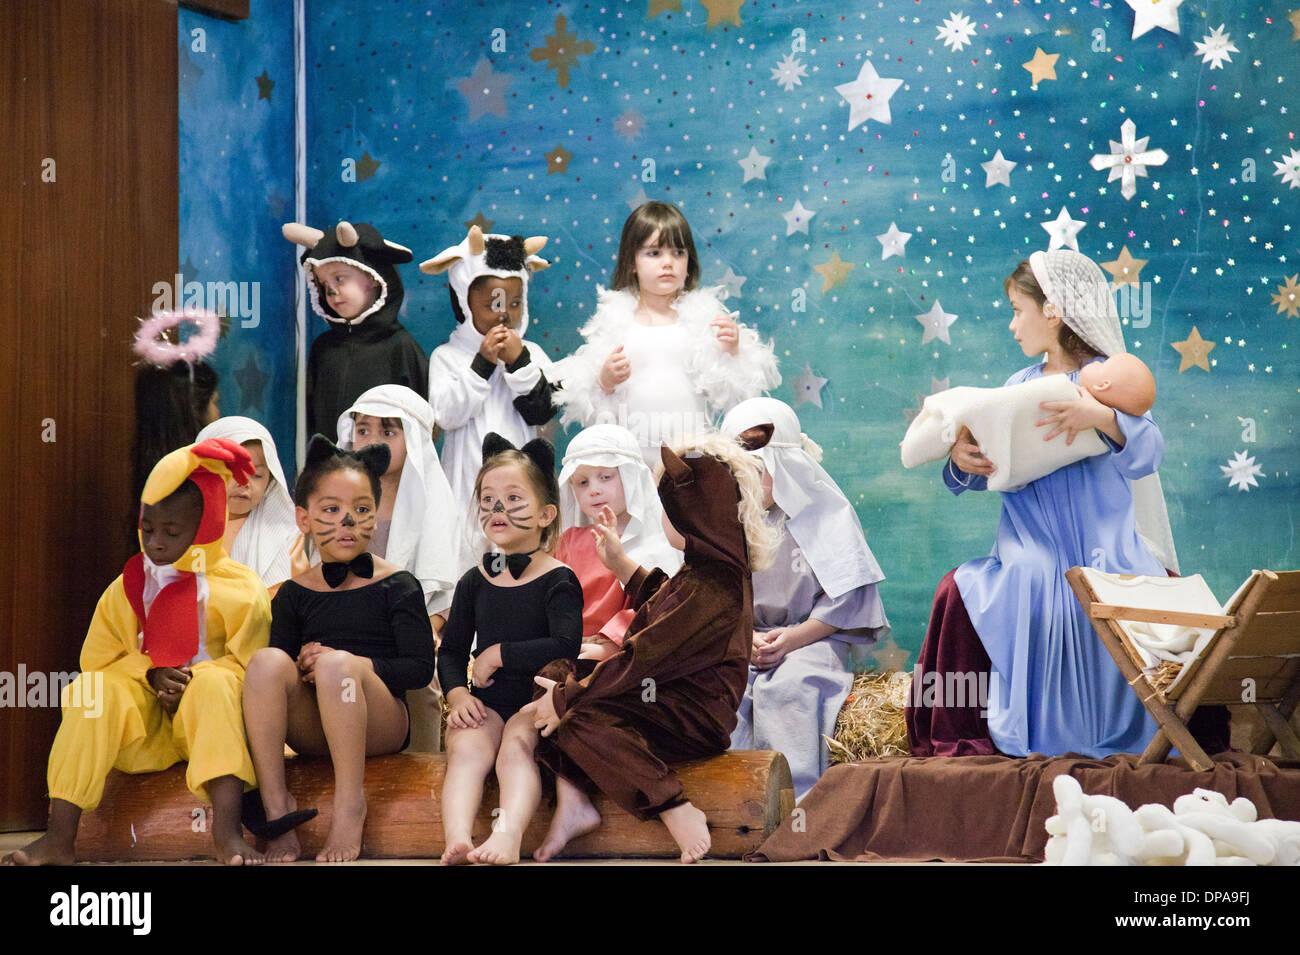 Les jeunes sur la Nativité de l'école à Cape Town - Afrique du Sud Photo Stock